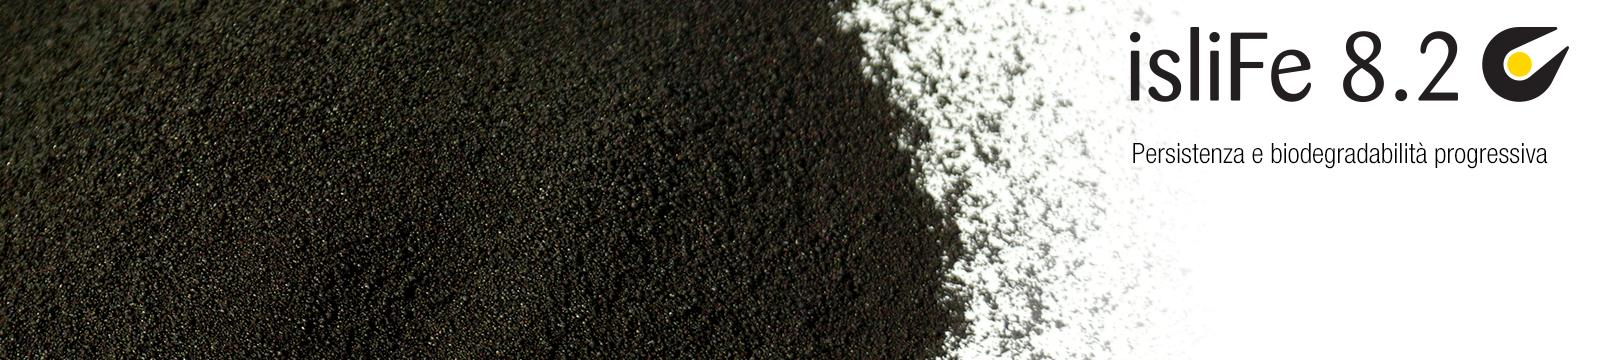 Islife 8.2 combina persistenza e biodegradabilità progressiva